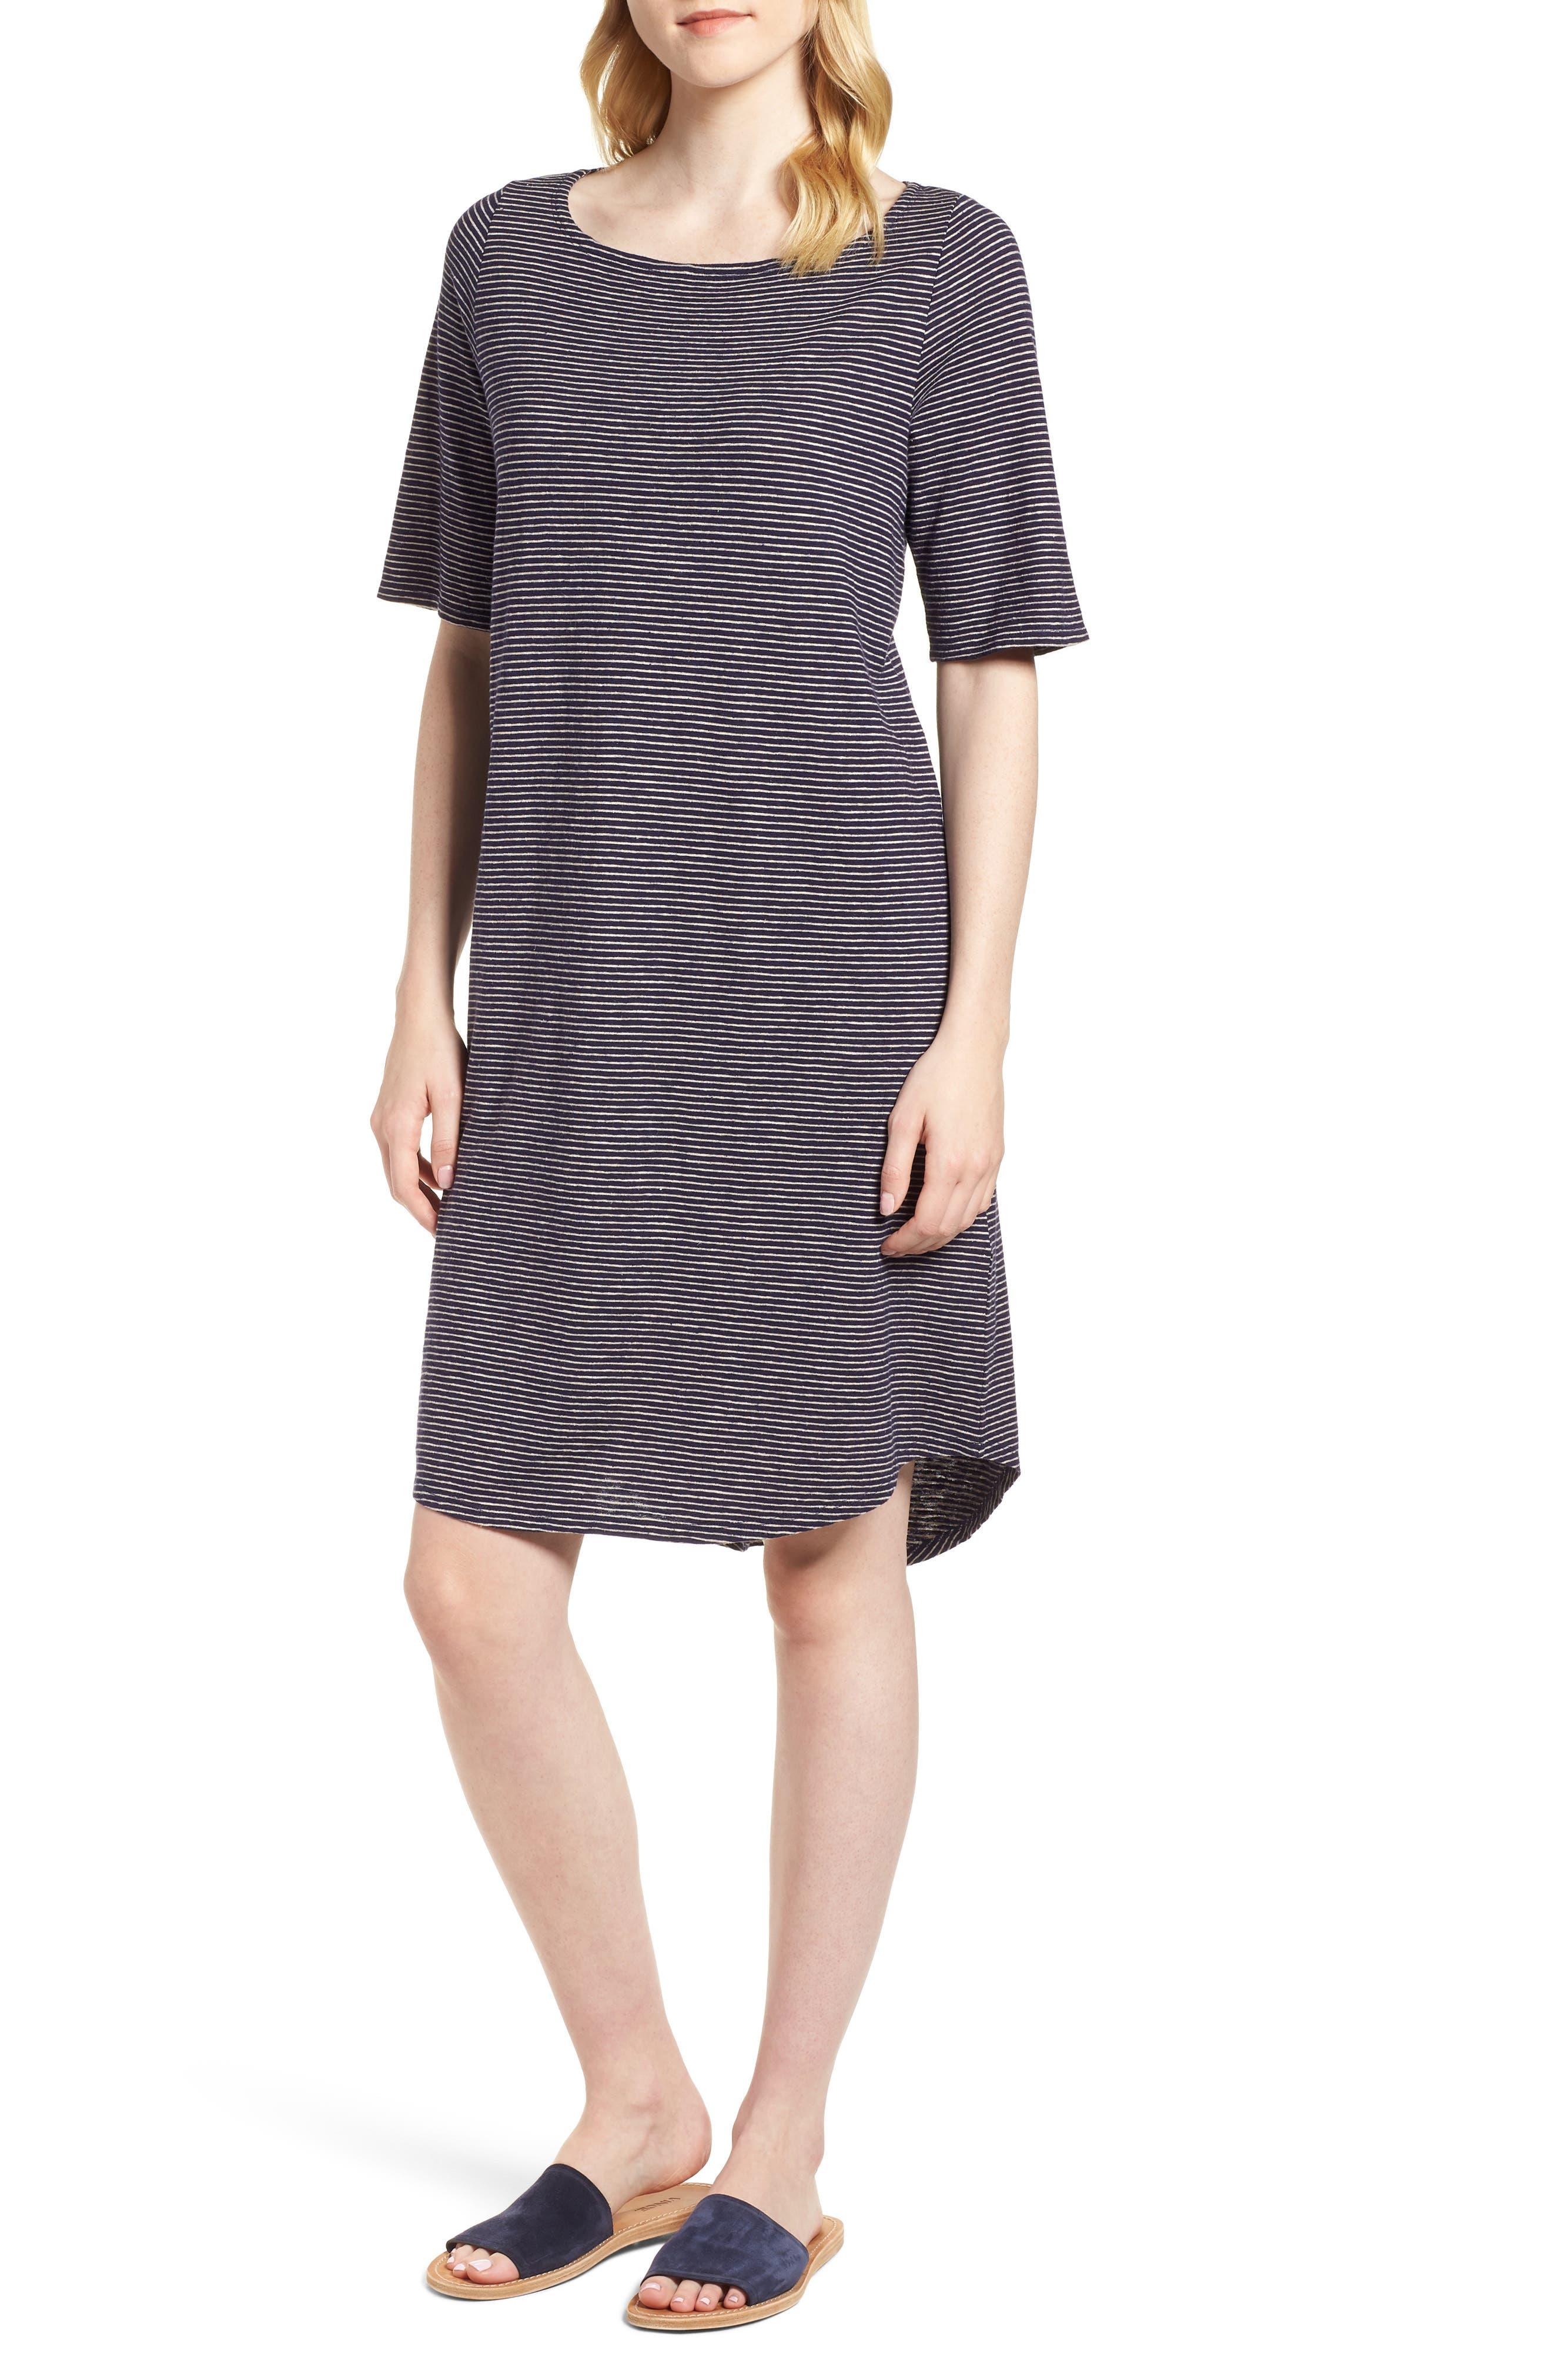 Eileen Fisher Hemp & Organic Cotton Jersey Dress (Regular & Petite)